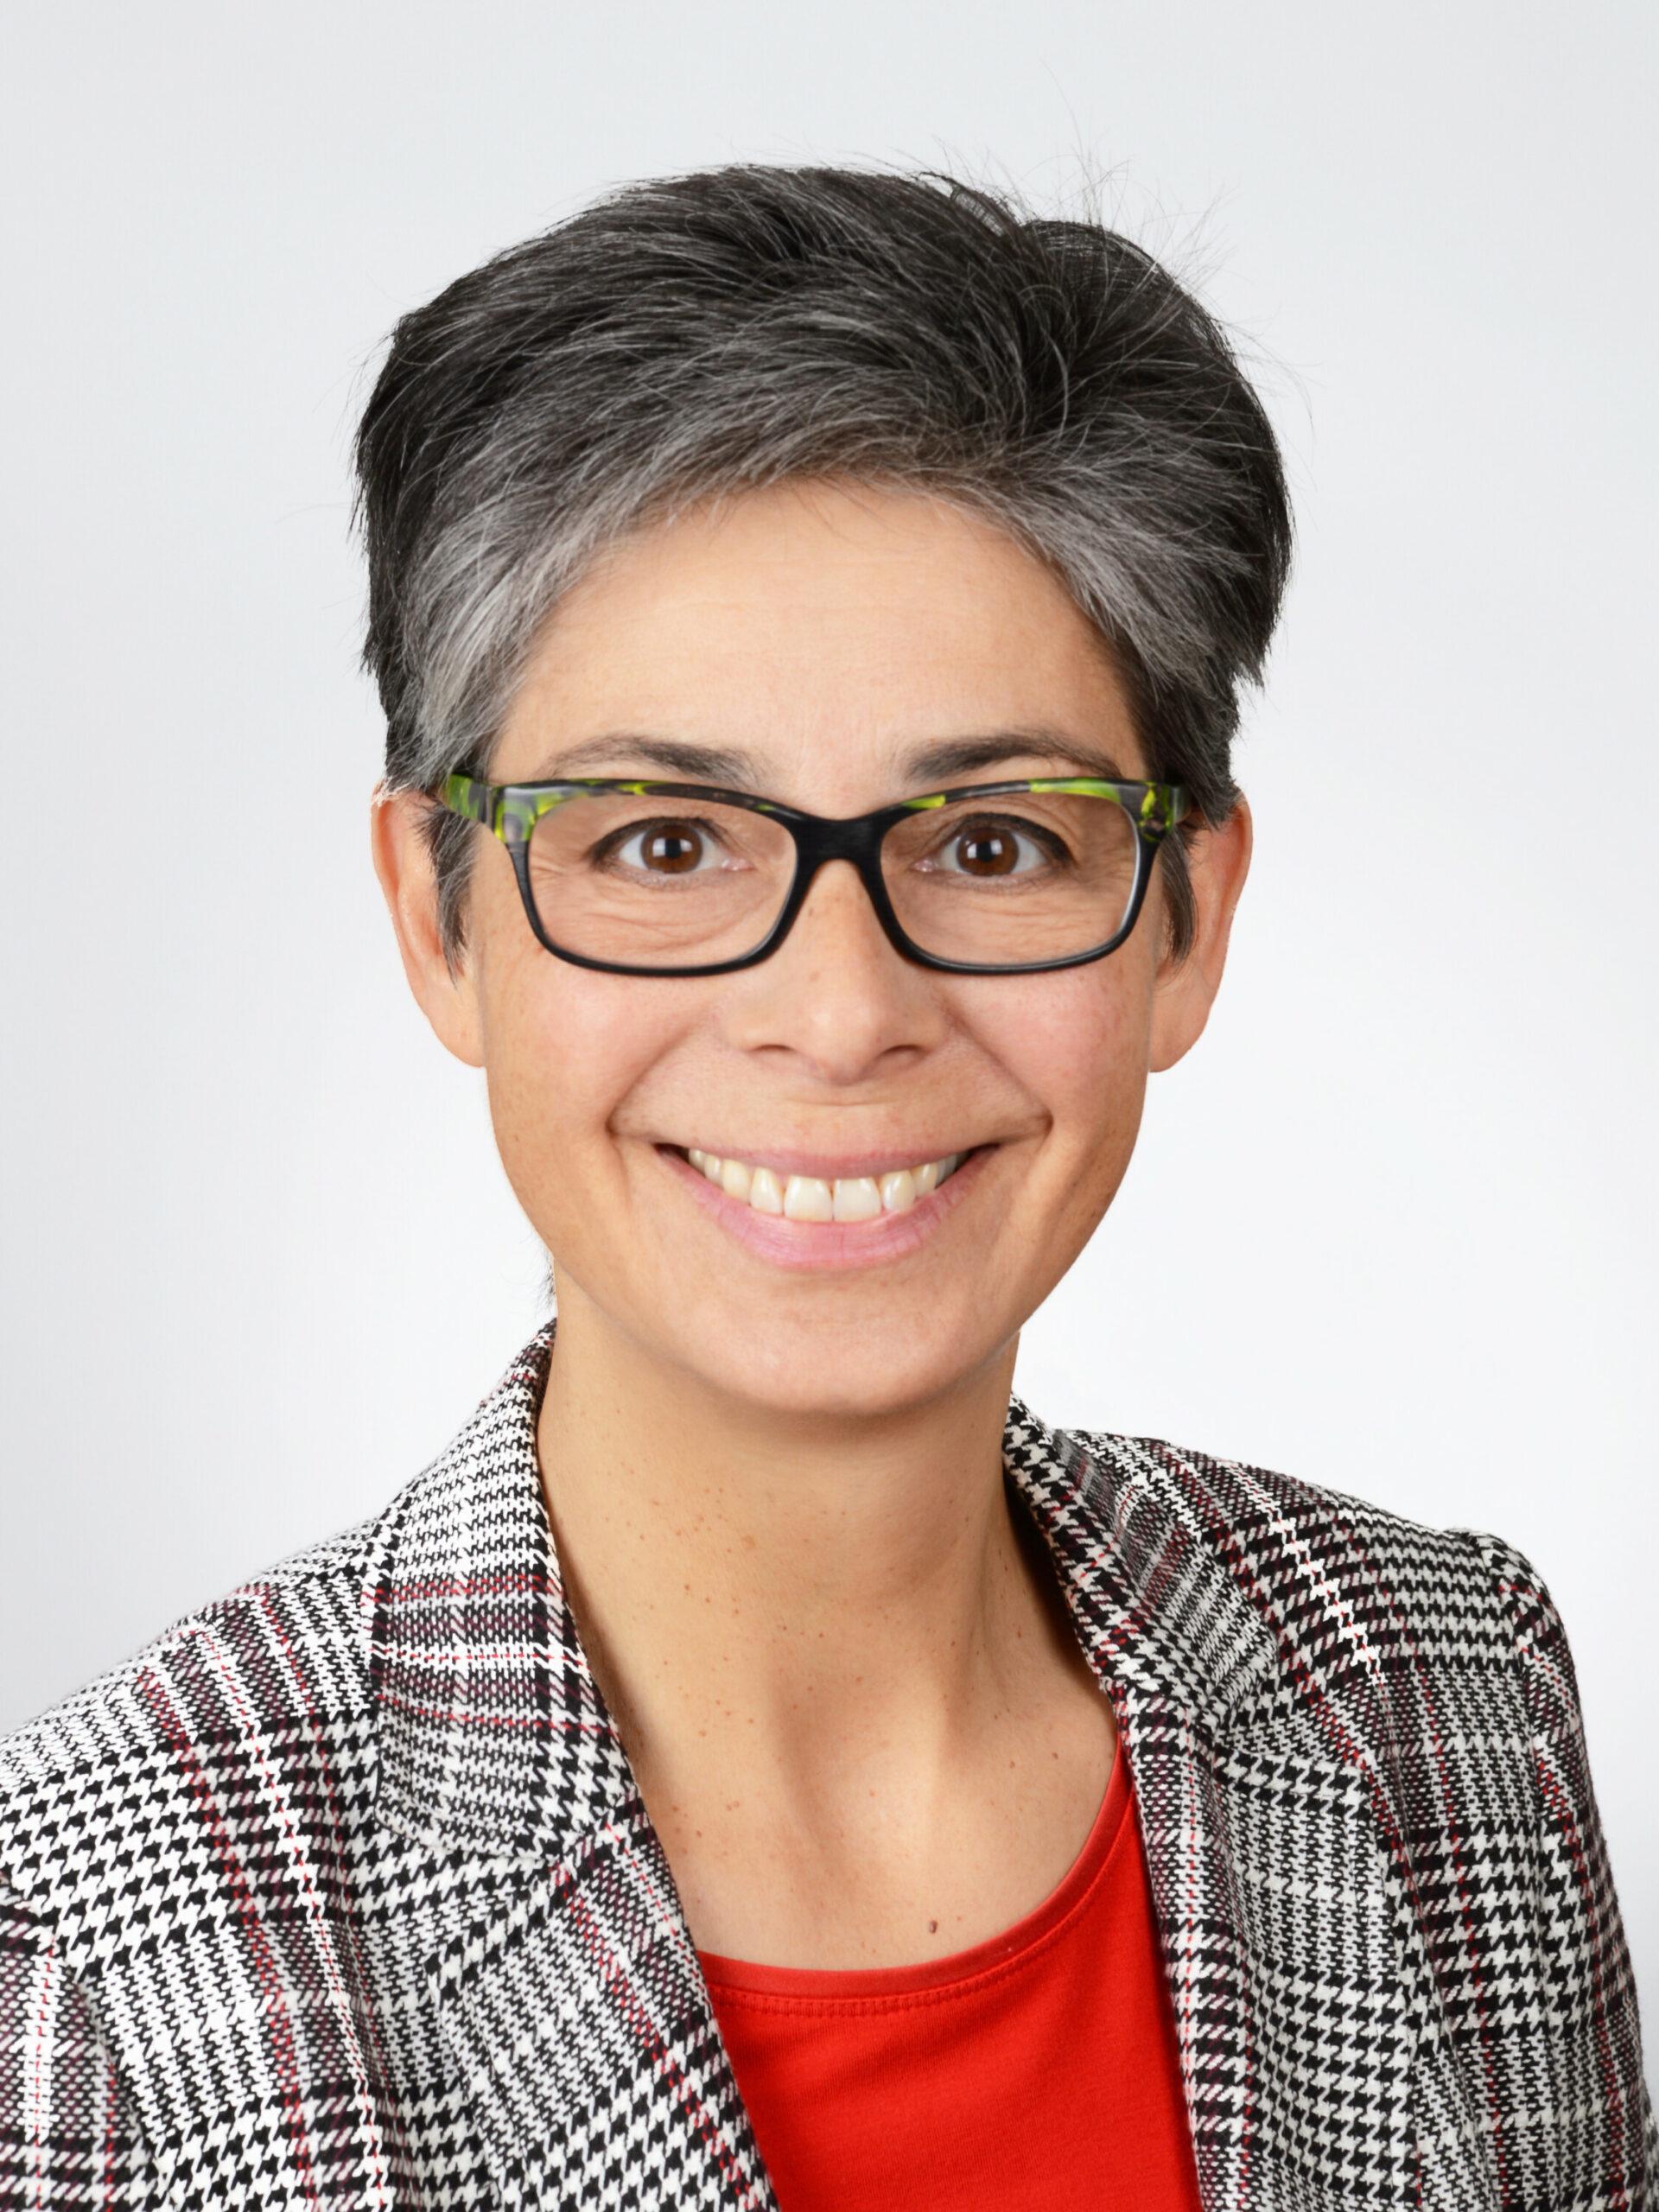 Anette Schäflein-Rügamer